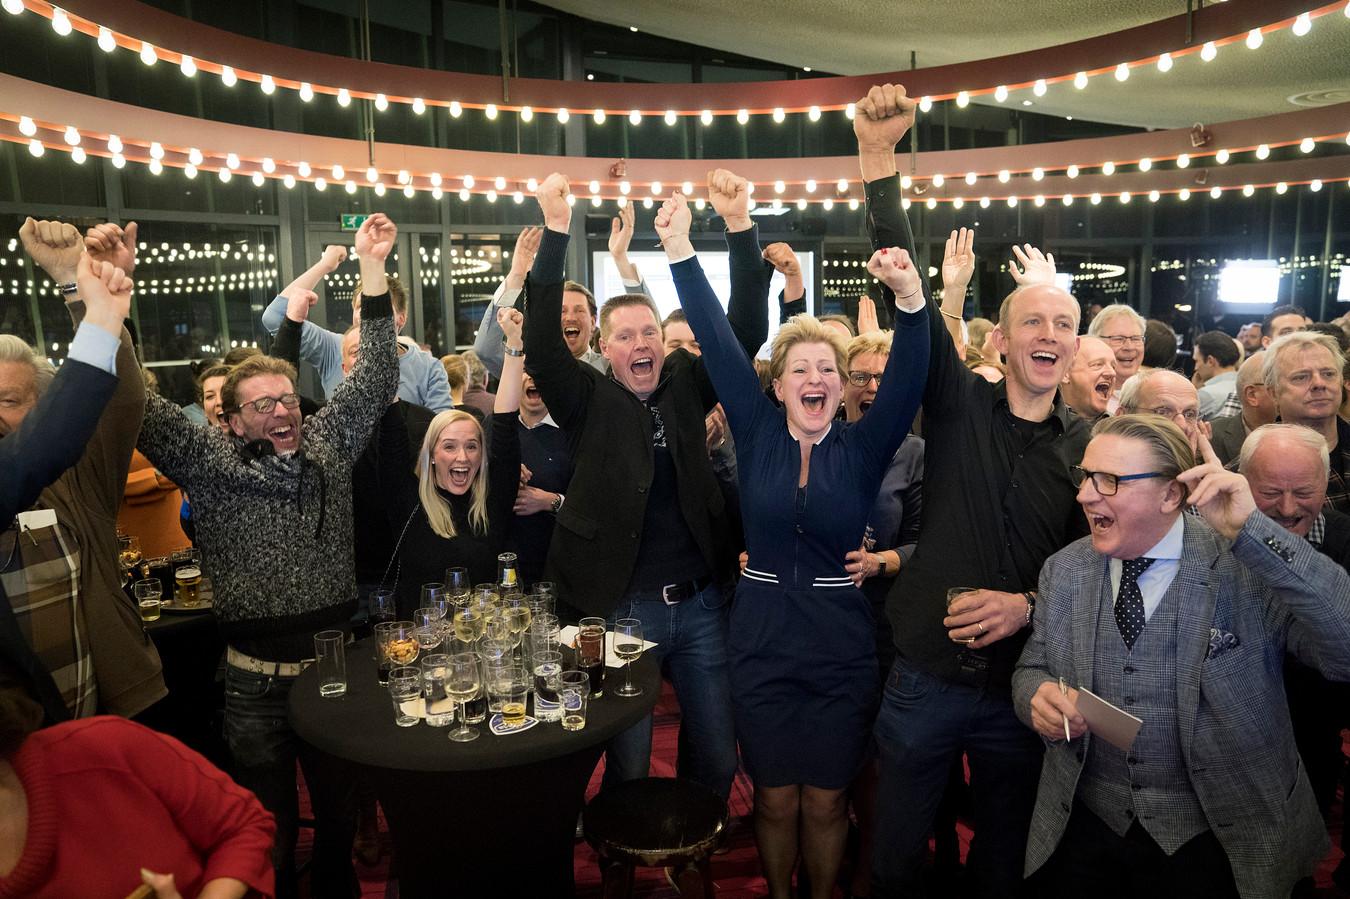 BALANS viert de overwinning tijdens afgelopen gemeenteraadsverkiezingen.